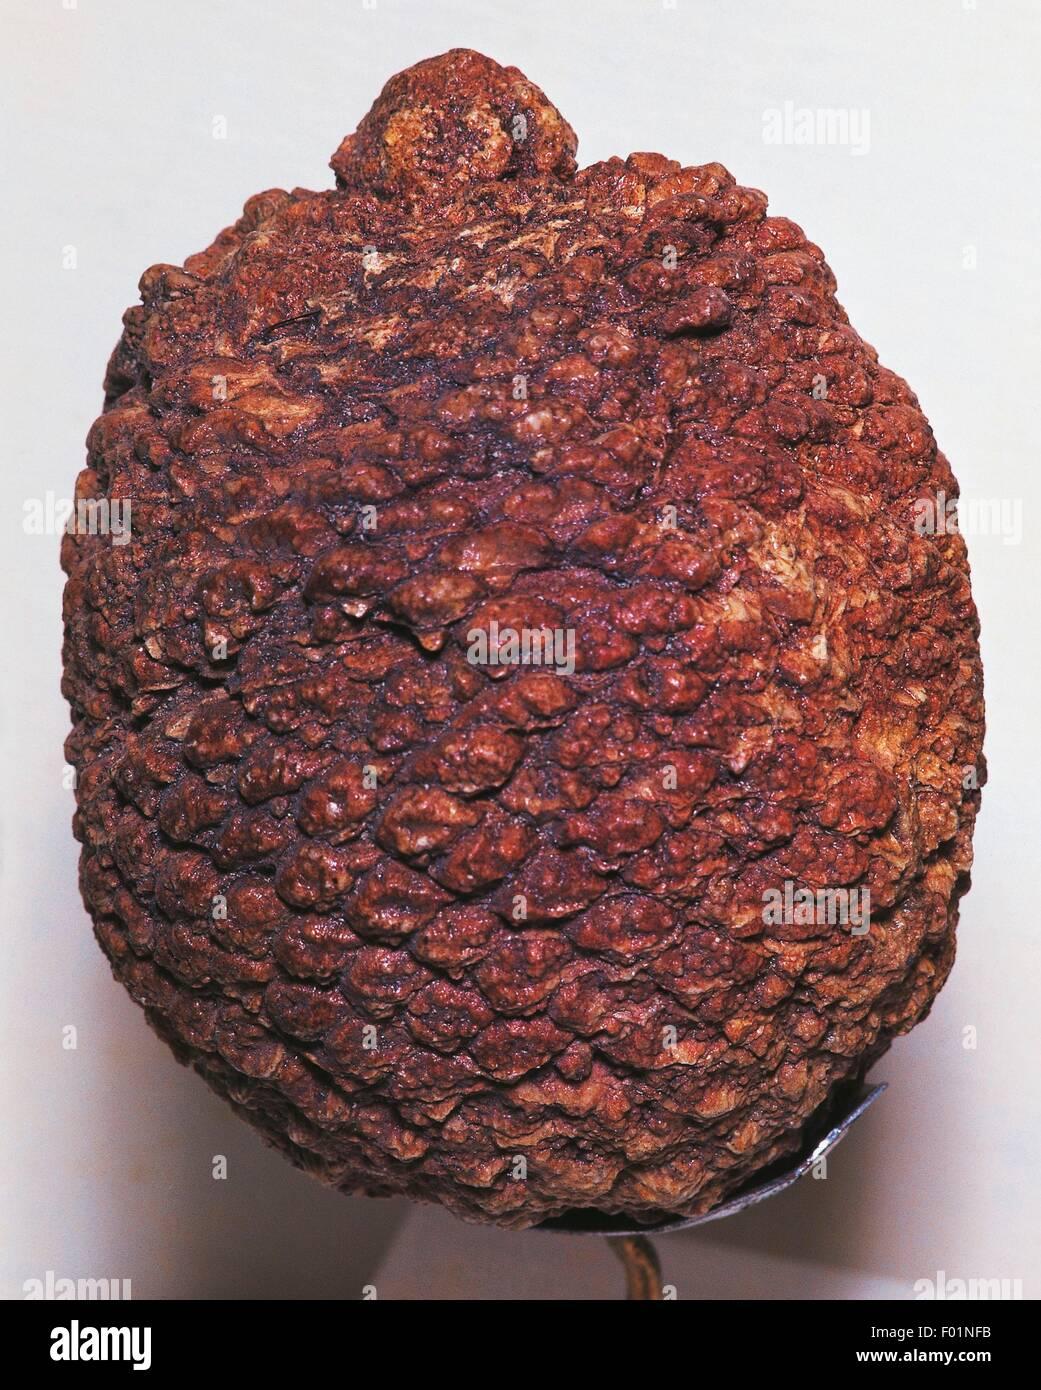 .Cycad, fossili del periodo Cretaceo . Immagini Stock